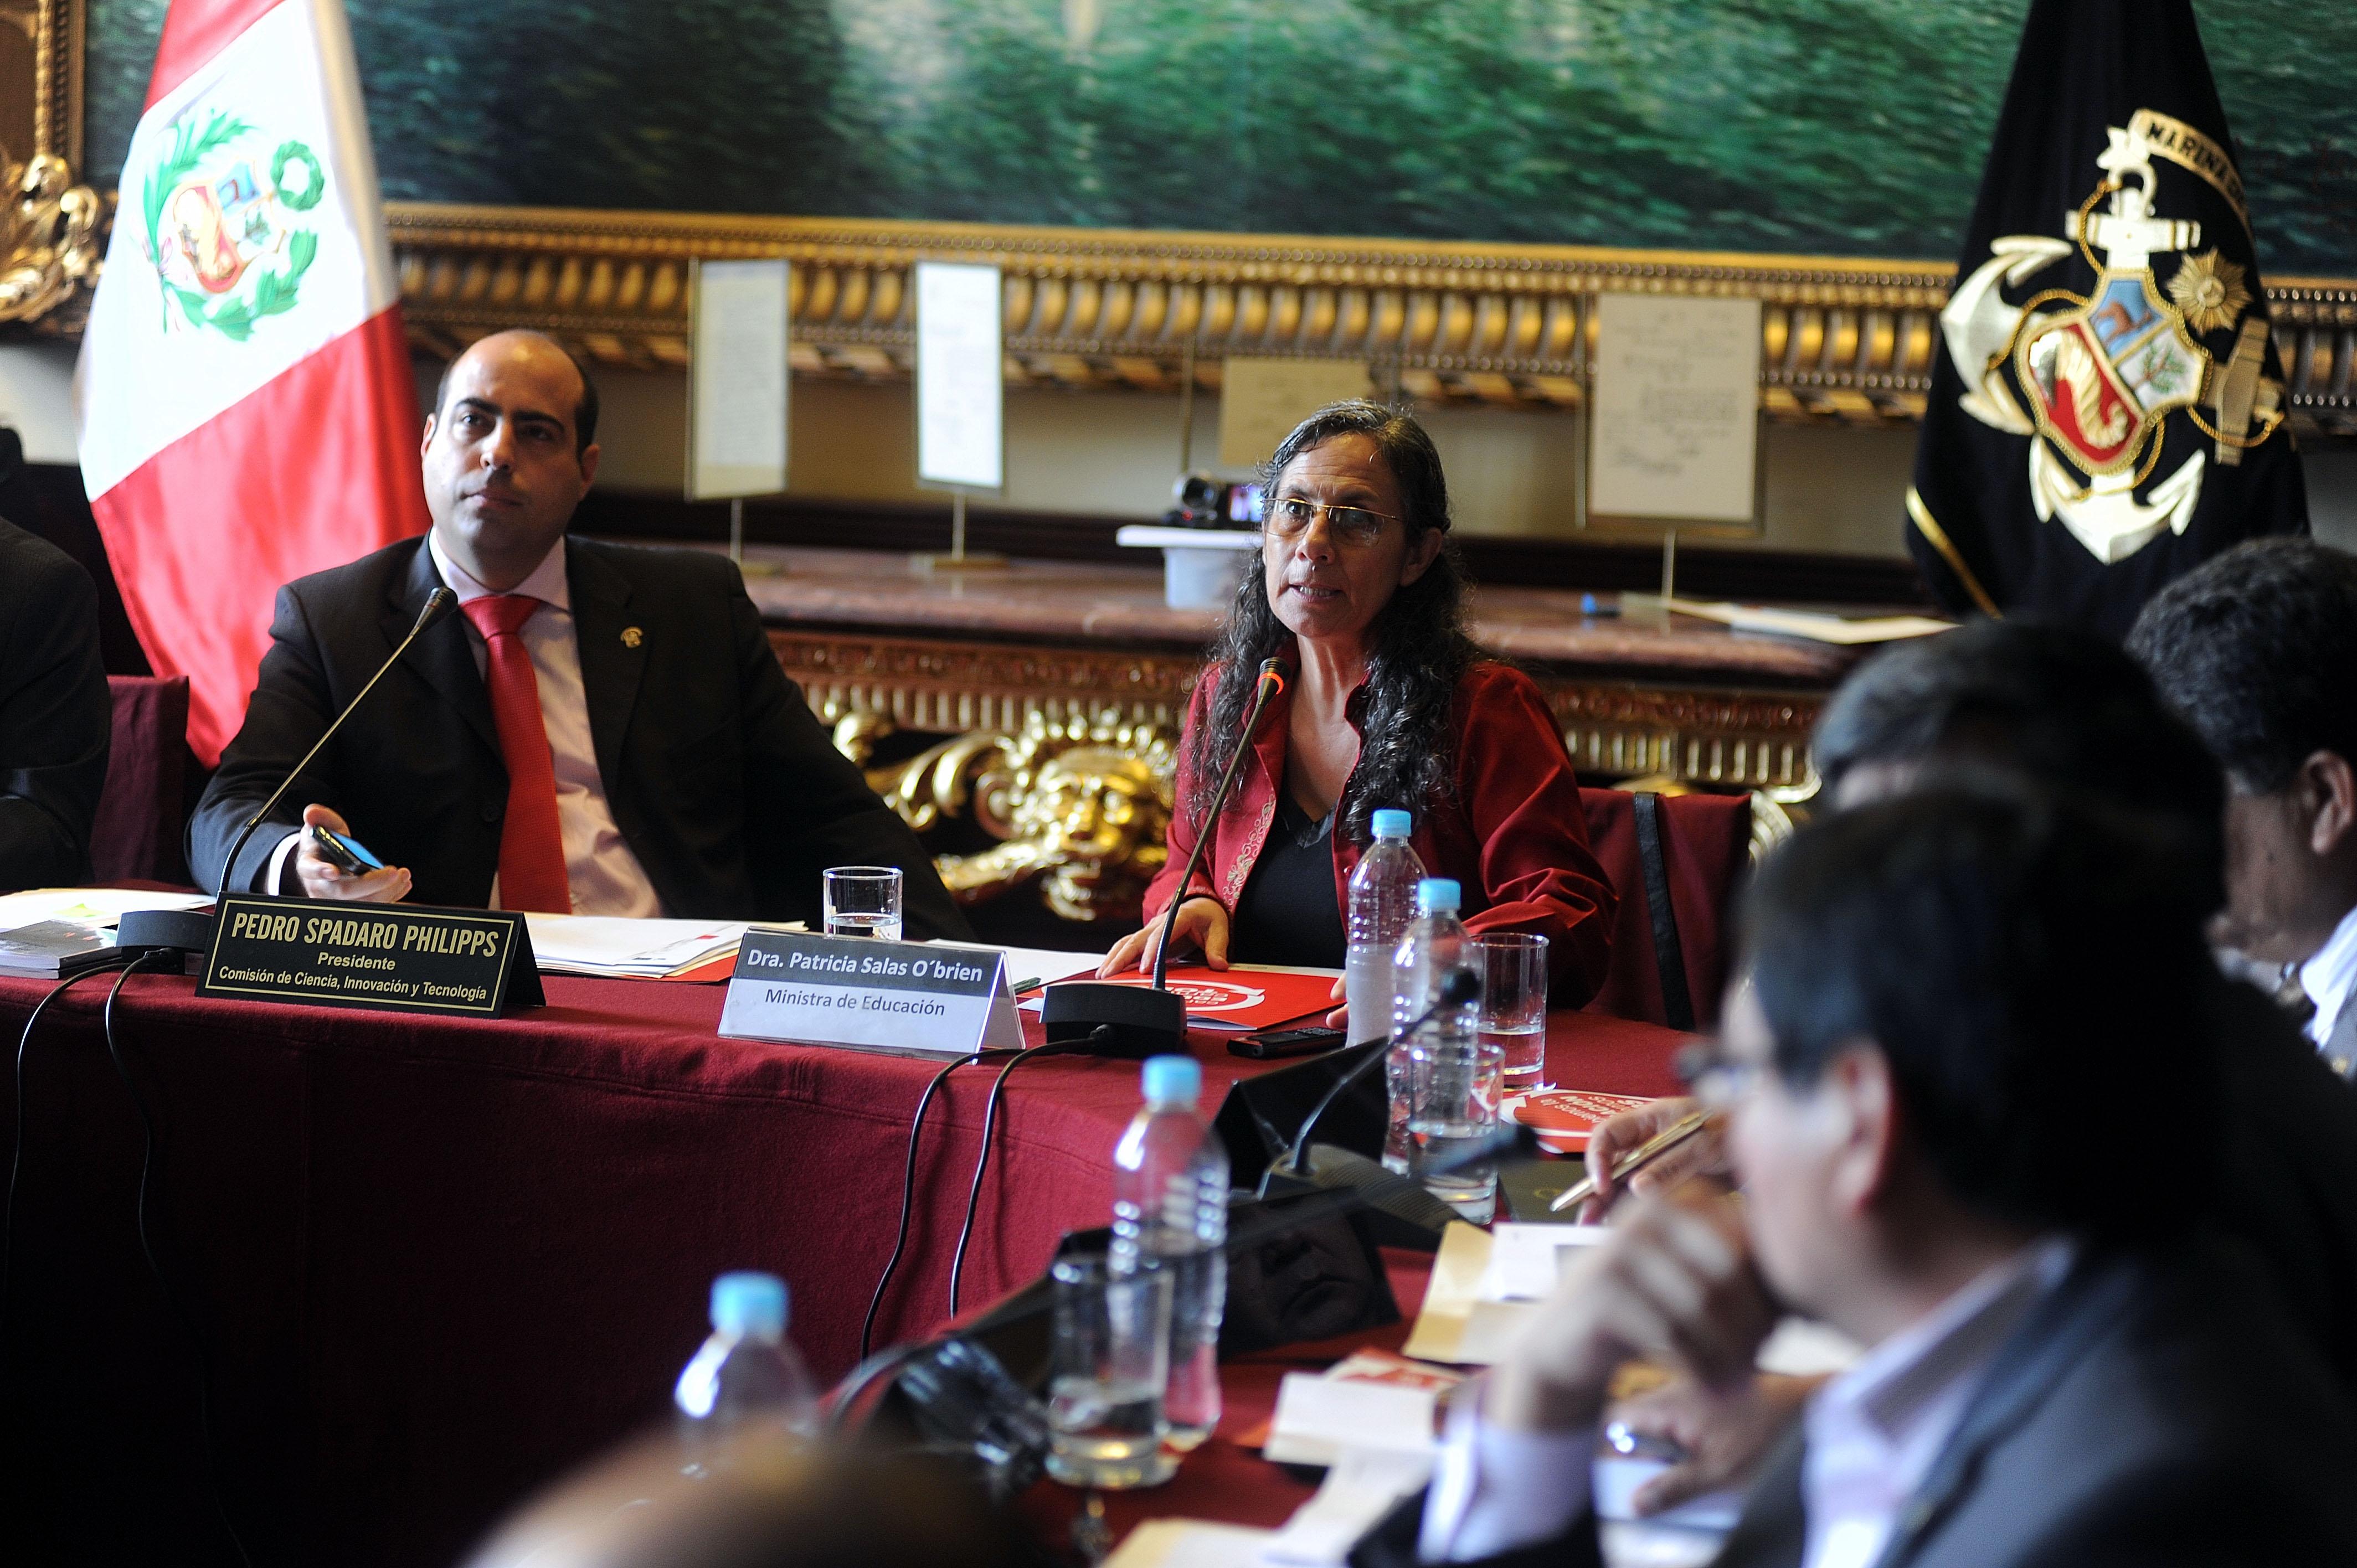 Ministerio de ciencia innovaci n y tecnolog a en sesi n for Ministerio de innovacion